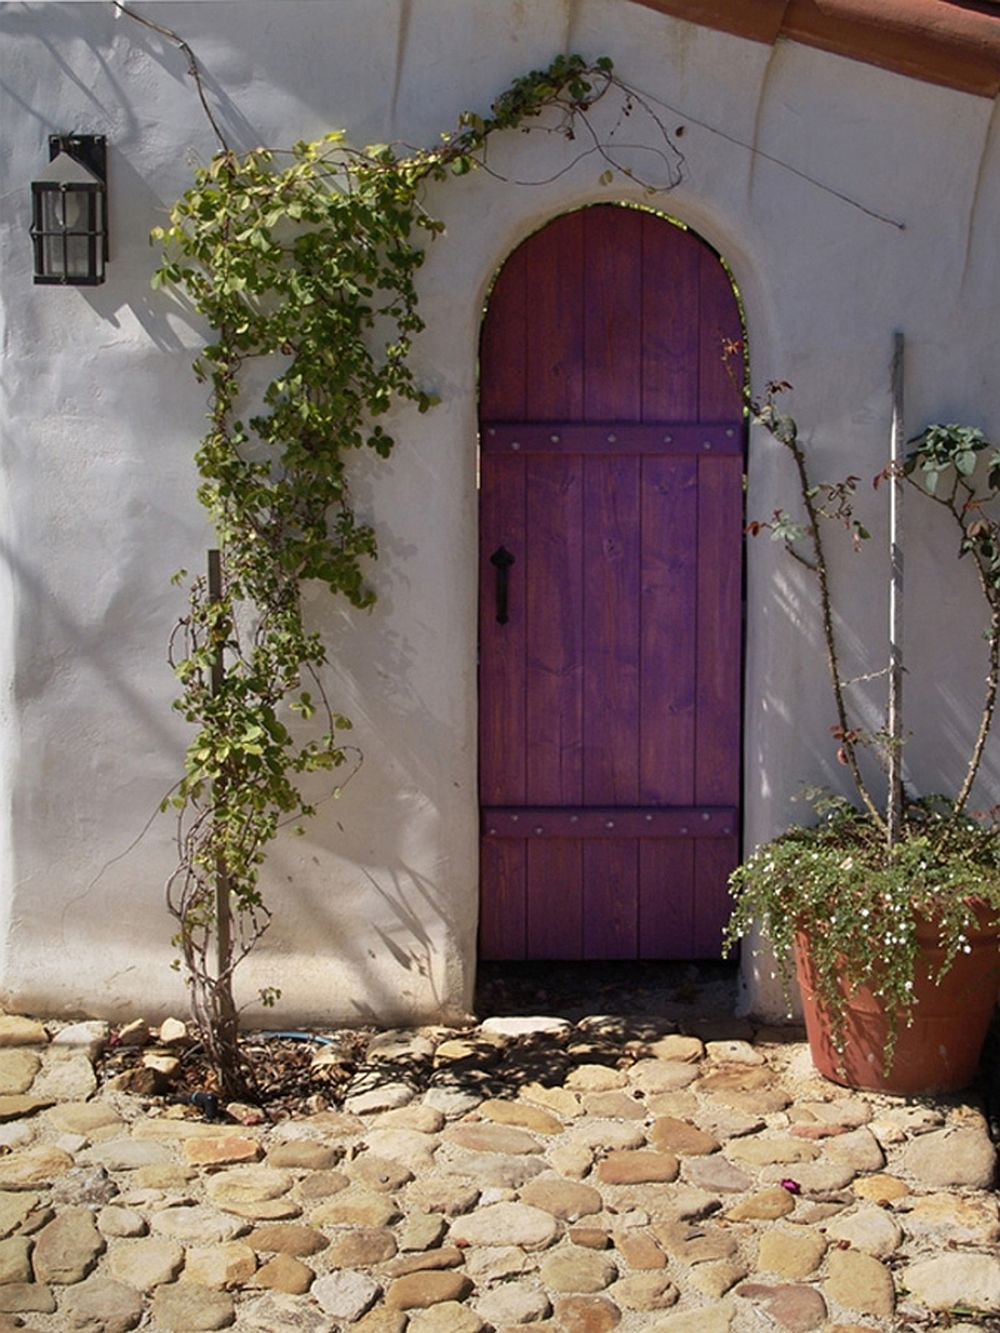 Detaliu ușă Casa Bridge, Tierney, arhitect Jeff Shelton